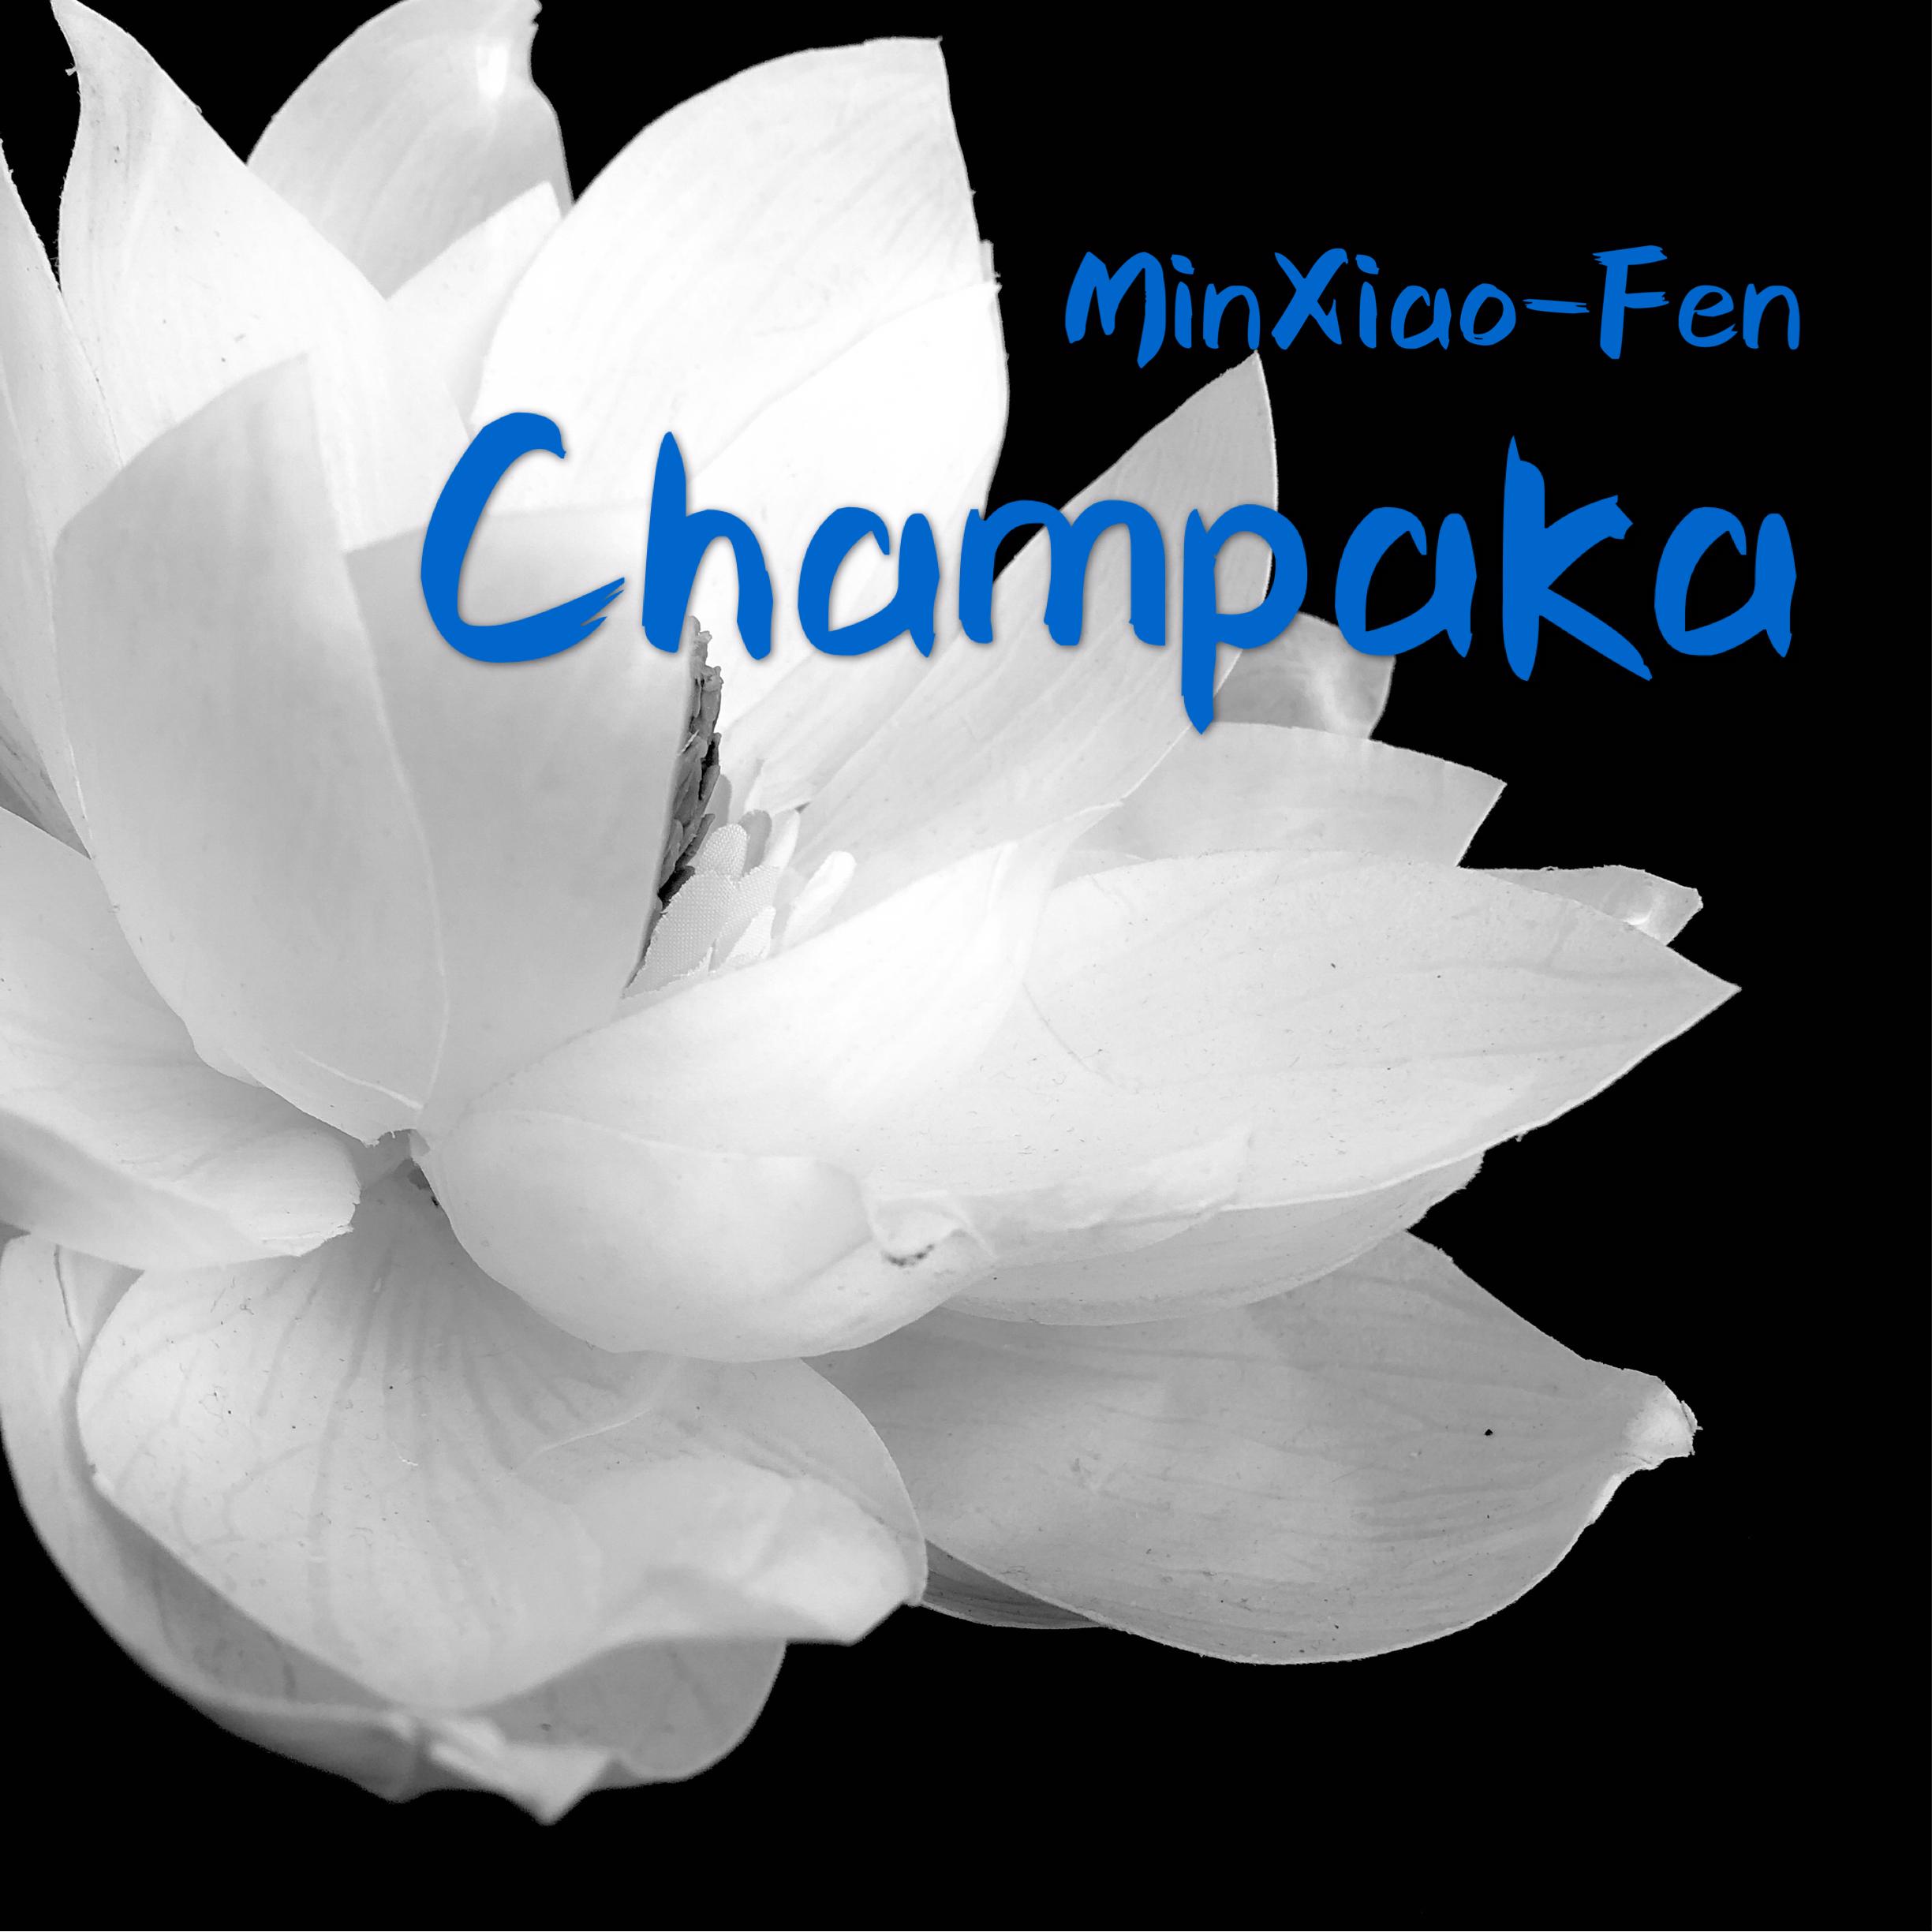 Champaka Image